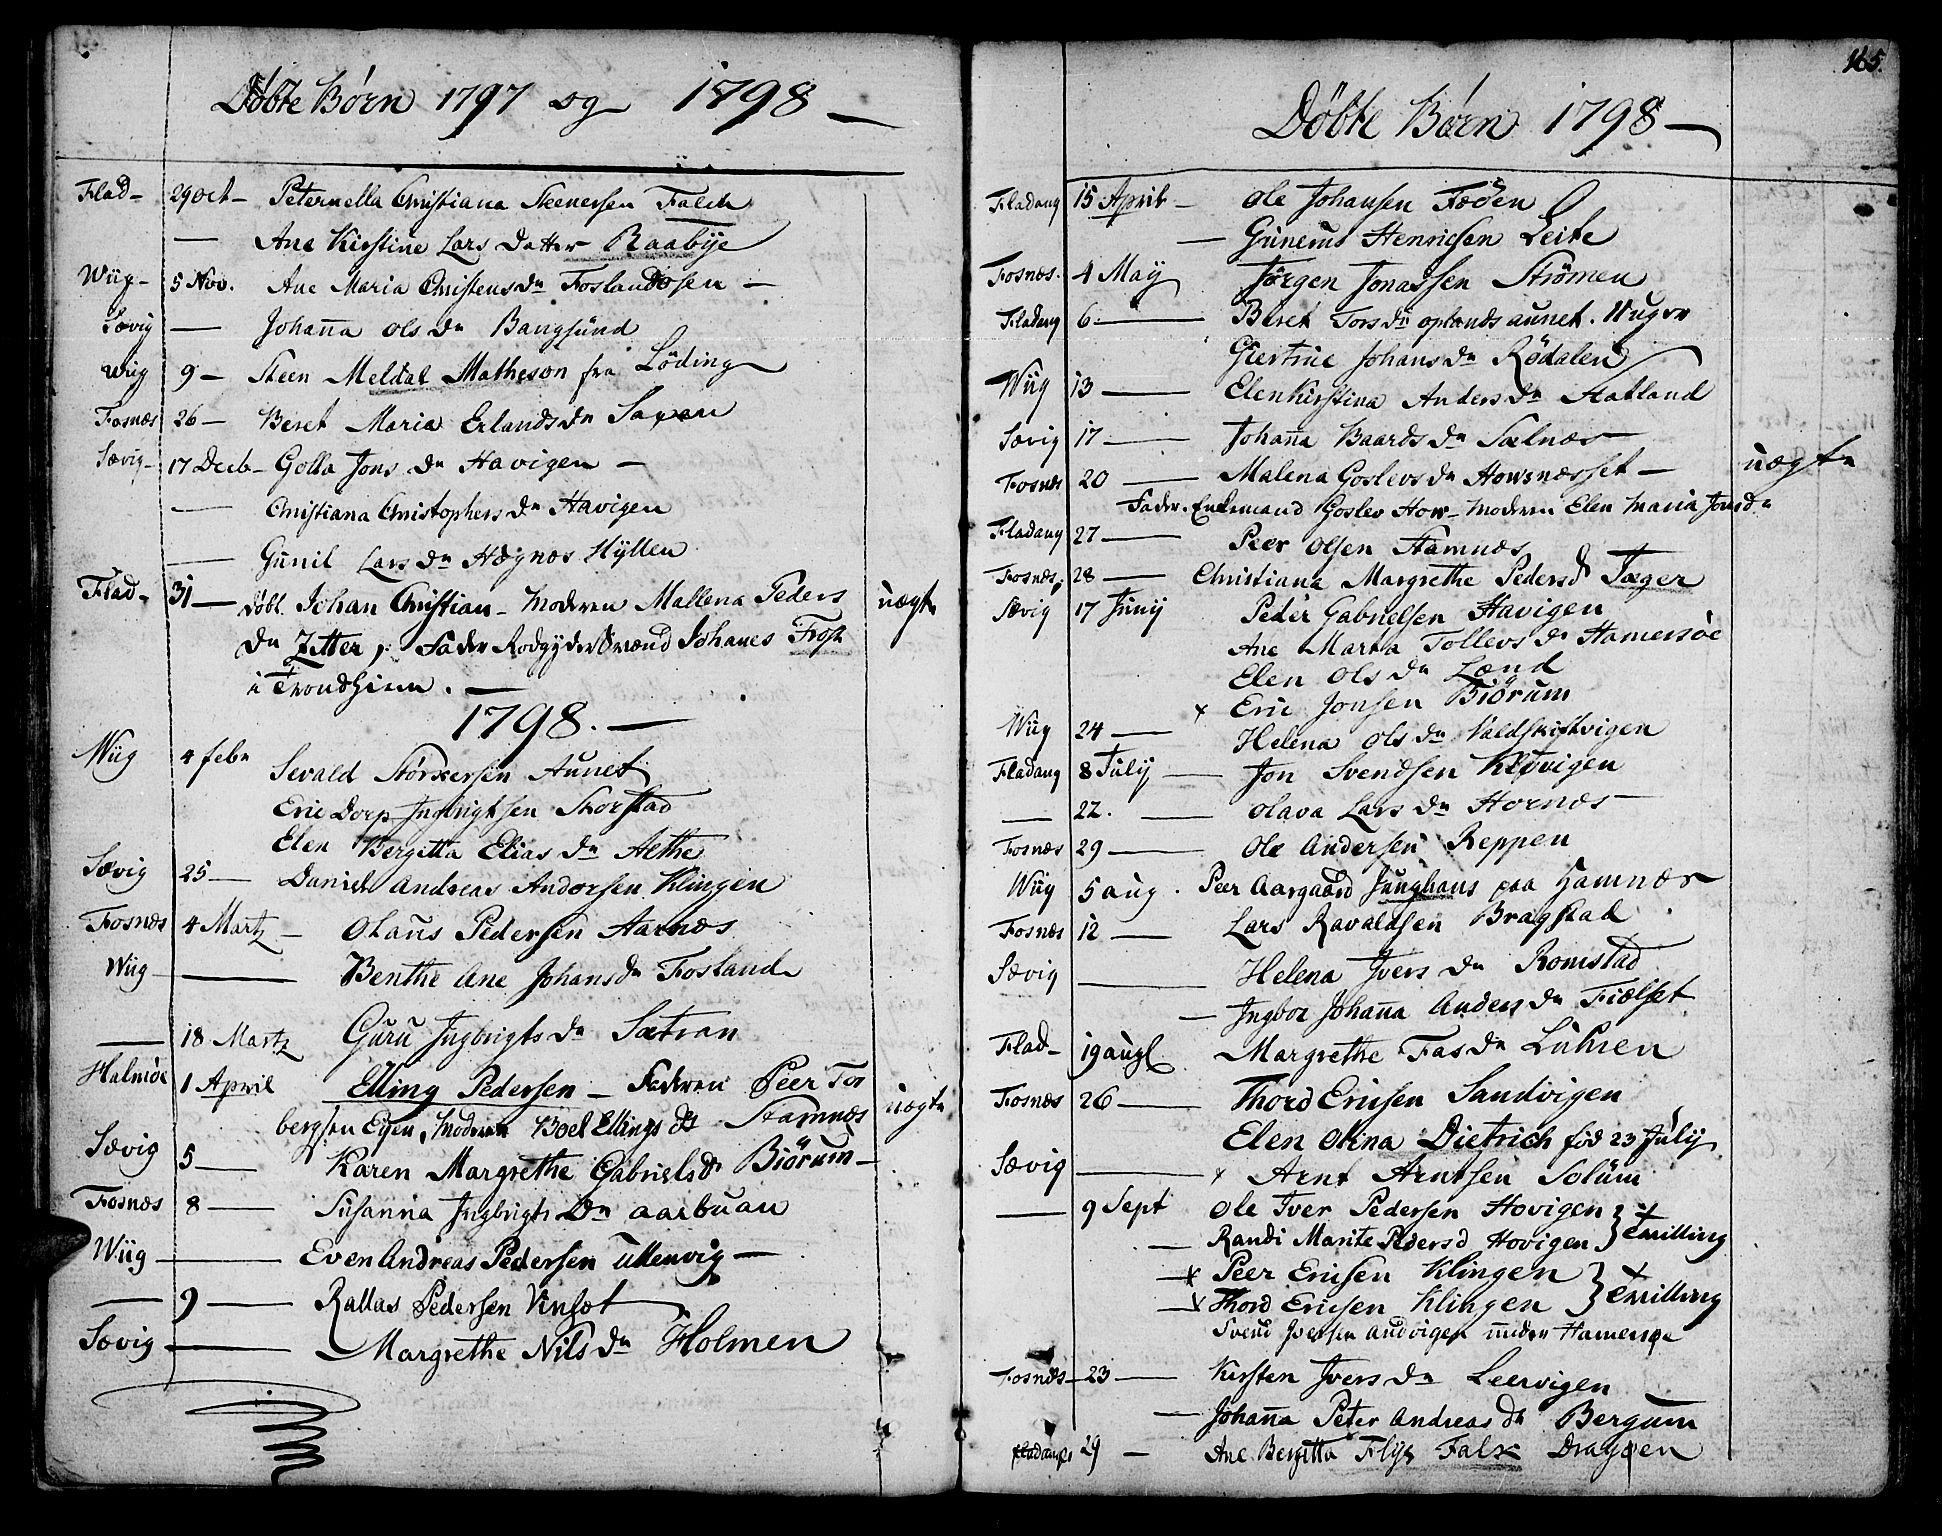 SAT, Ministerialprotokoller, klokkerbøker og fødselsregistre - Nord-Trøndelag, 773/L0608: Ministerialbok nr. 773A02, 1784-1816, s. 165